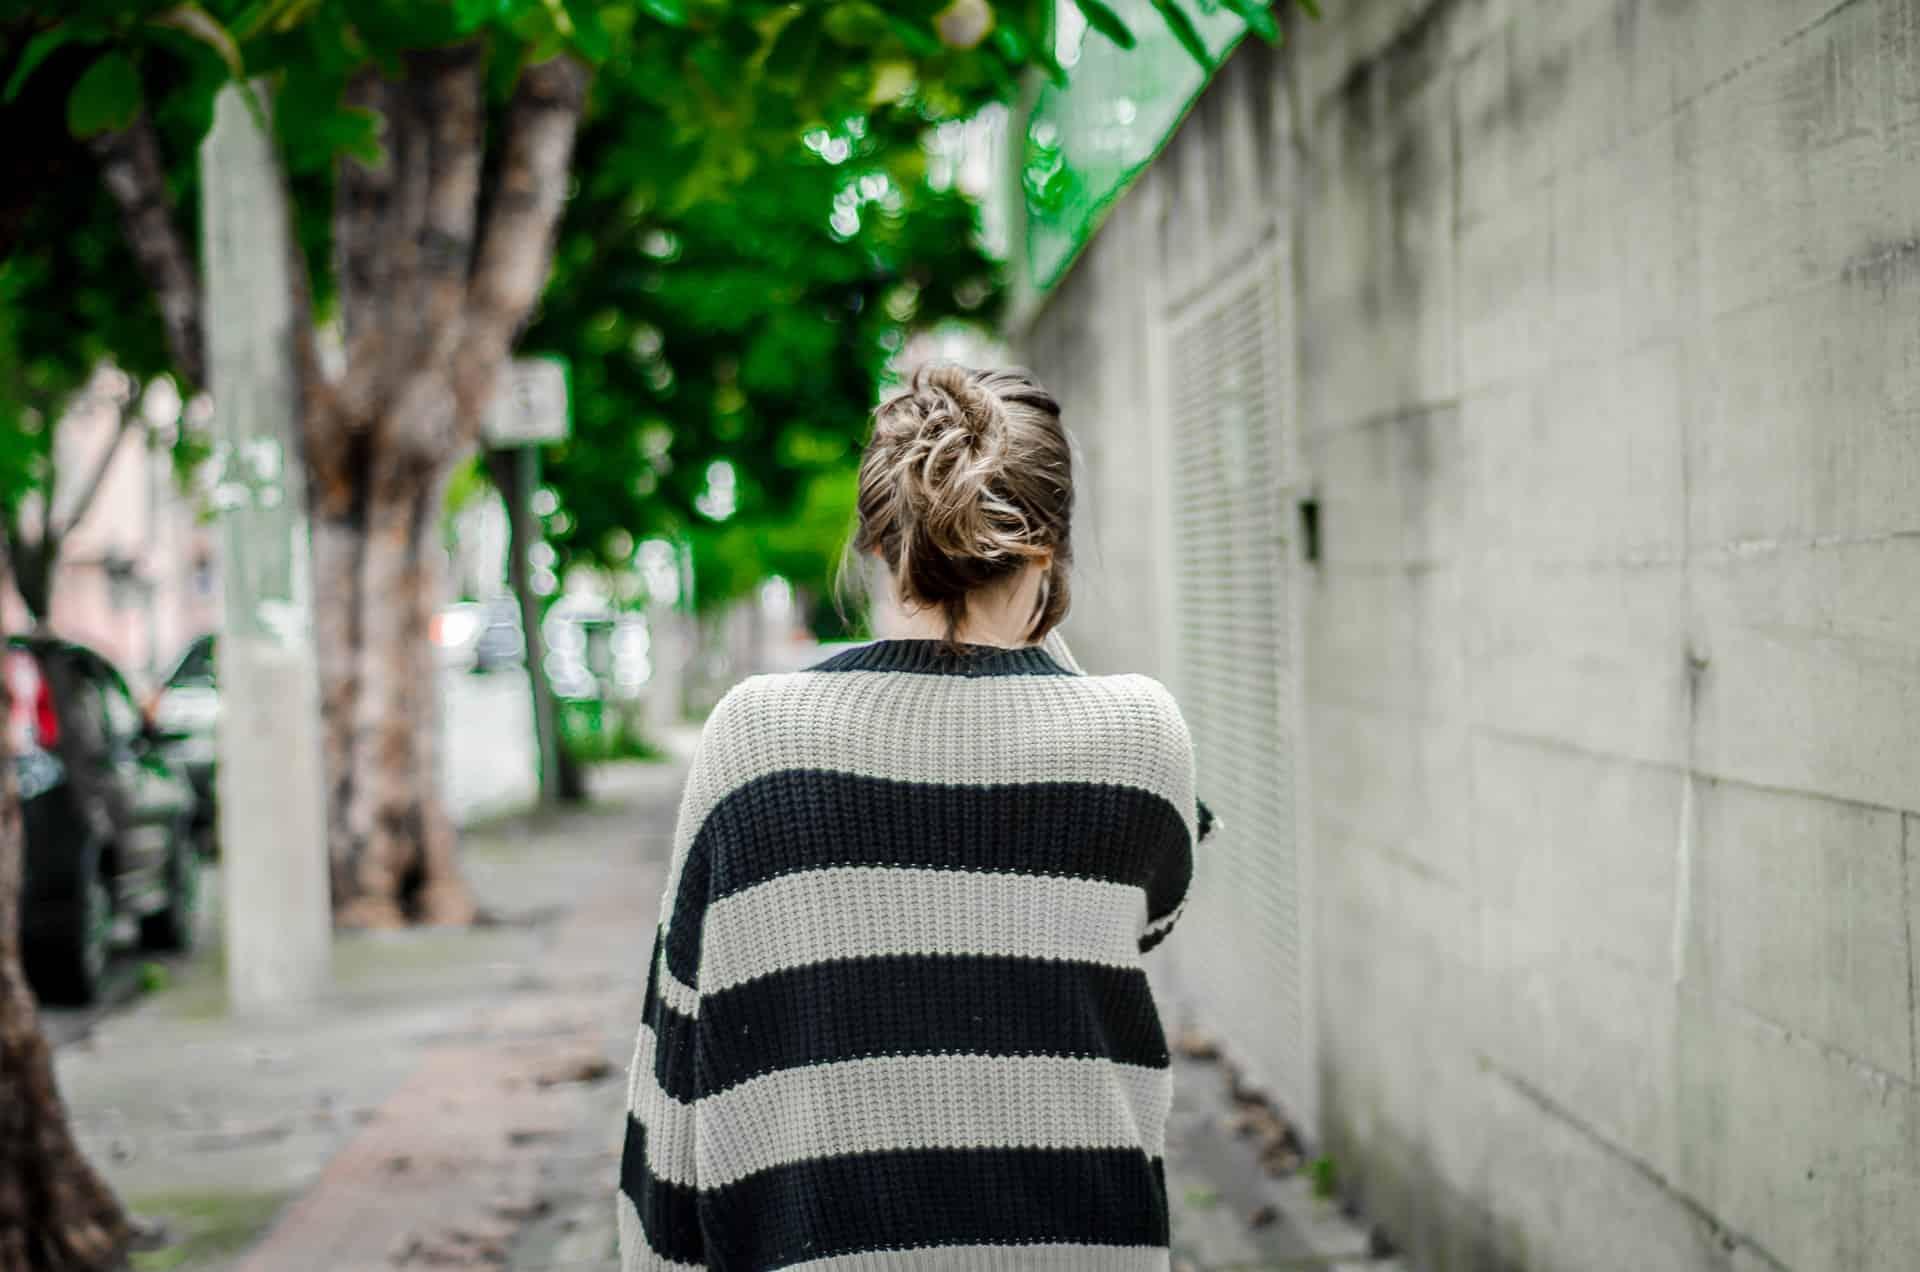 une femme dans un ensemble pull noir et blanc